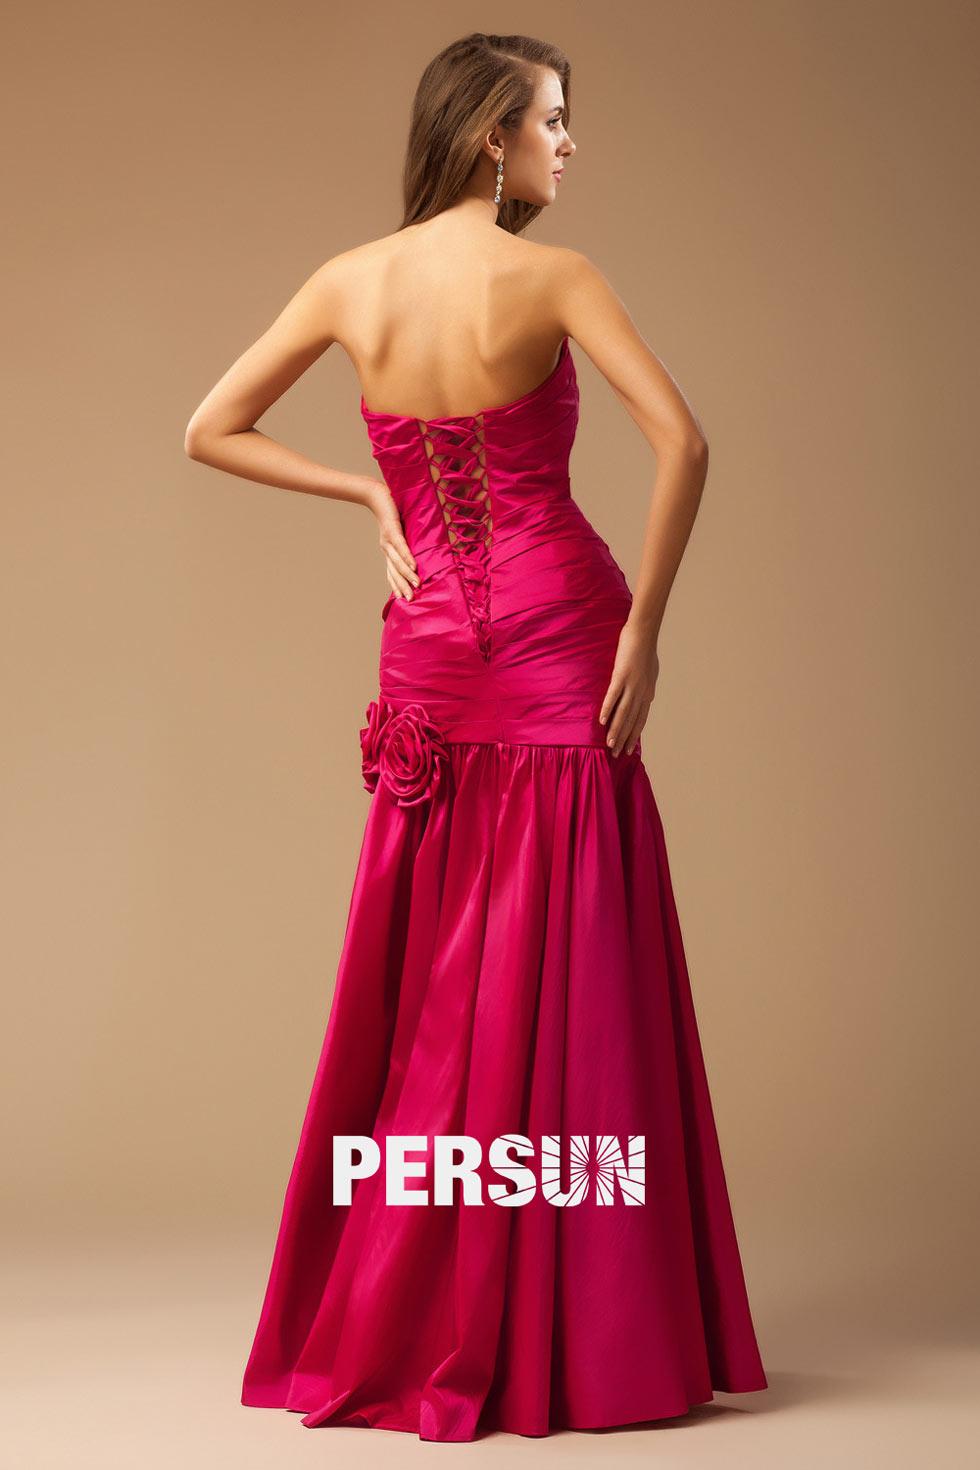 Robe rose fuchsia trompette ornée de fleurs en mousseline pour gala